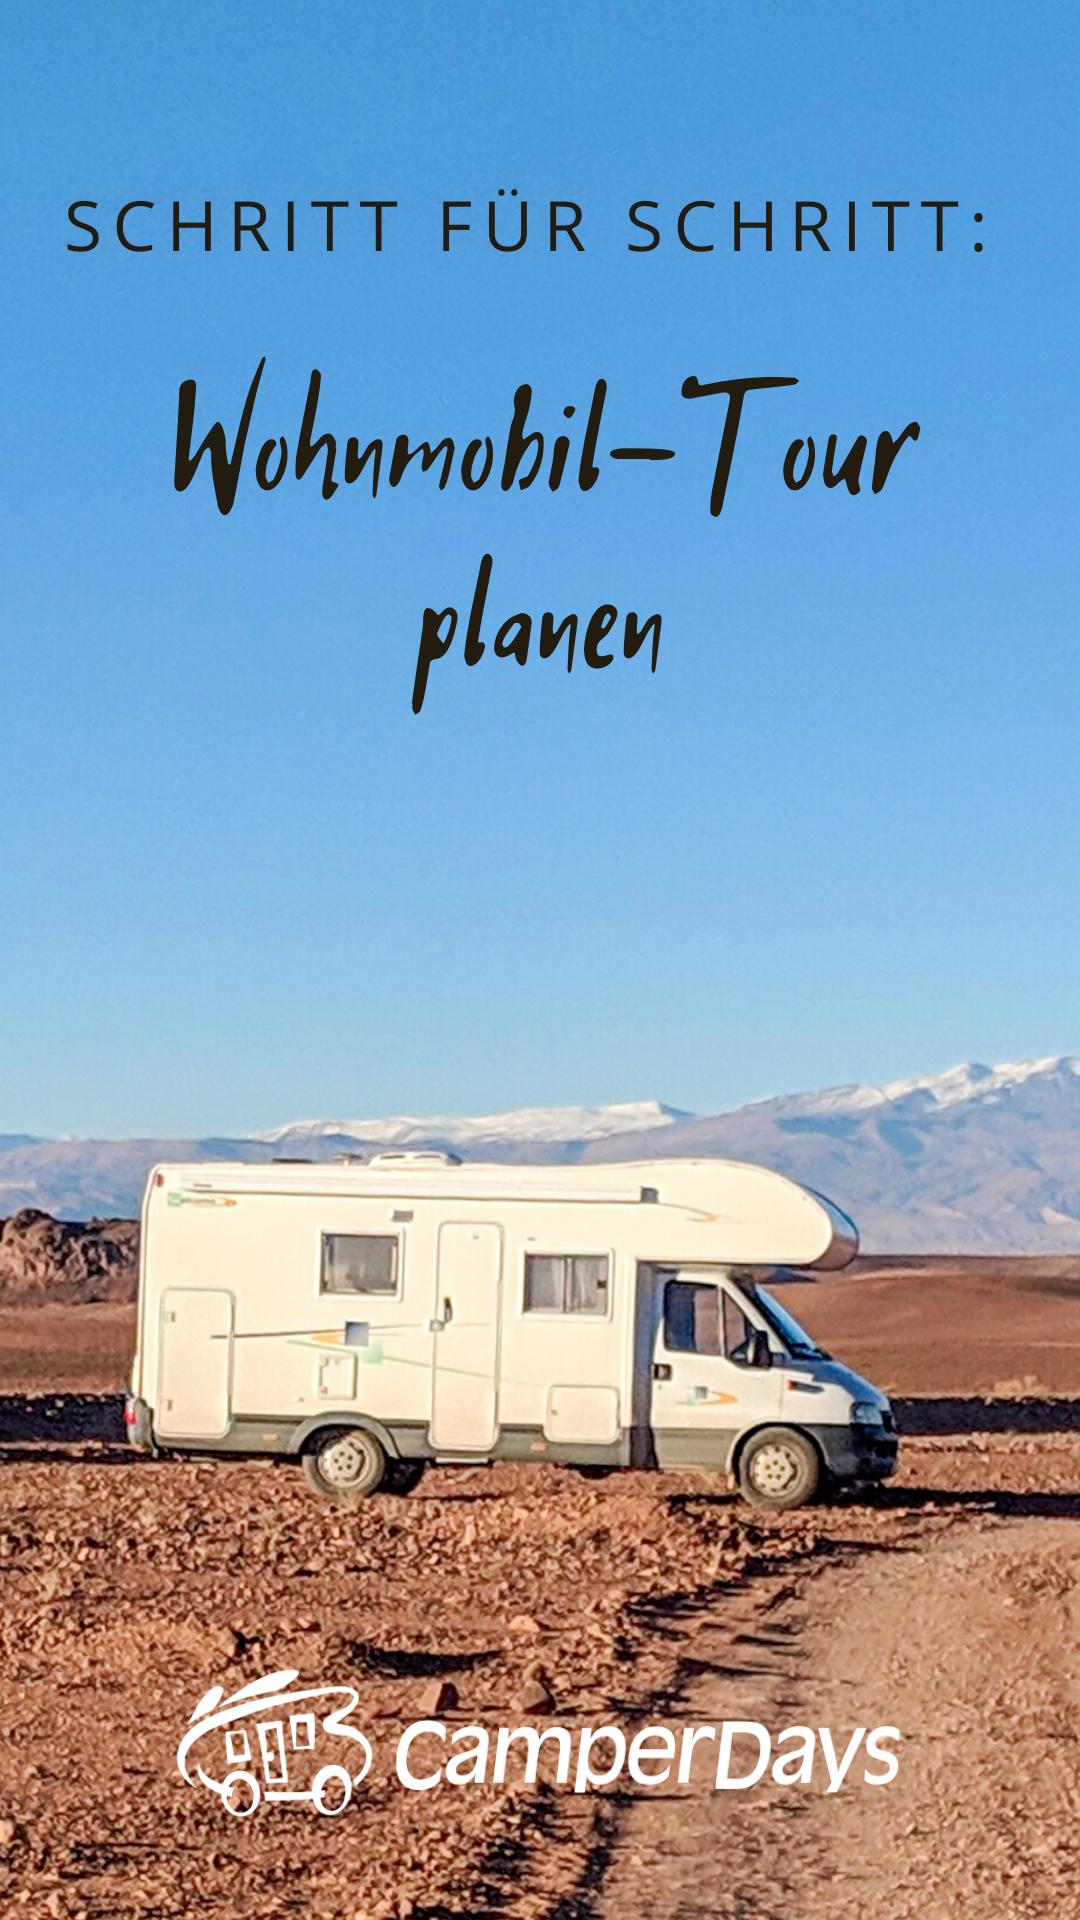 Checkliste für eure erste Wohnmobil-Tour durch Deutschland und Co